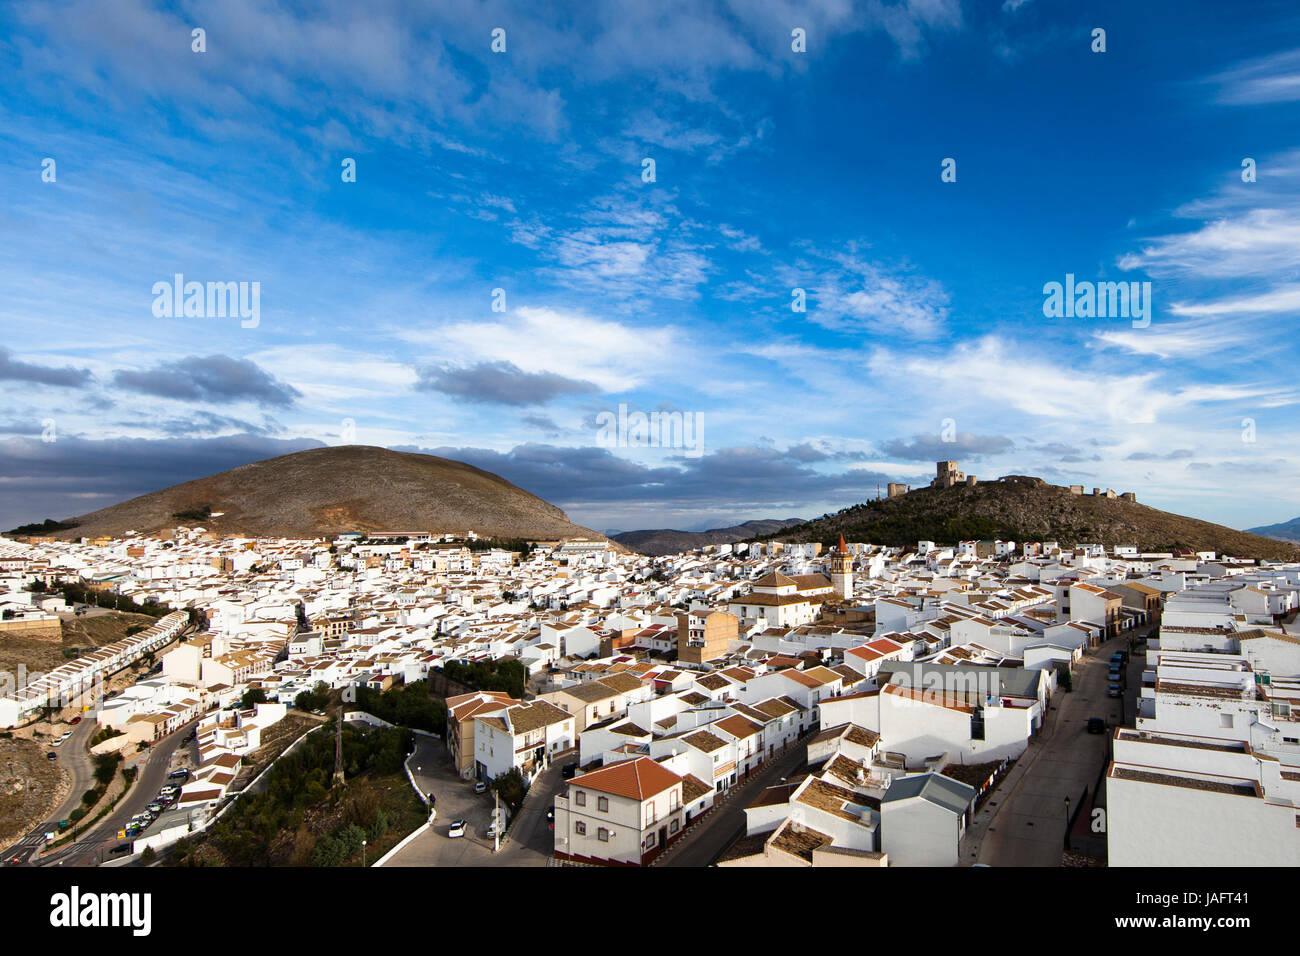 Centro storico di Teba con Castillo de la Estrella, provincia di Malaga, Andalusia, Spagna Immagini Stock